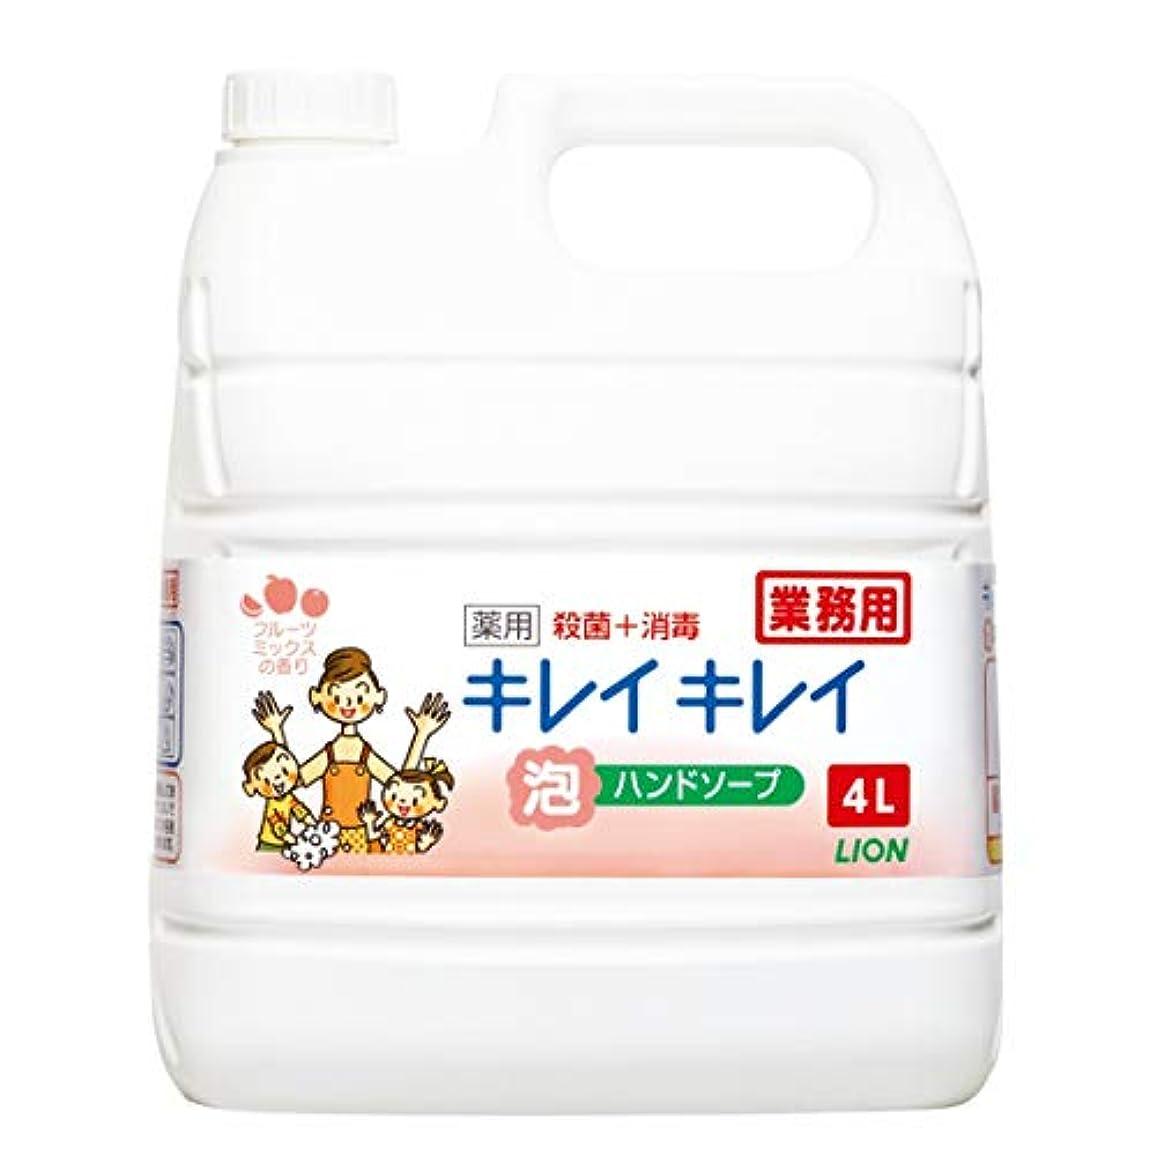 ボトル接触二十【業務用 大容量】キレイキレイ 薬用 泡ハンドソープフルーツミックスの香り 4L(医薬部外品)